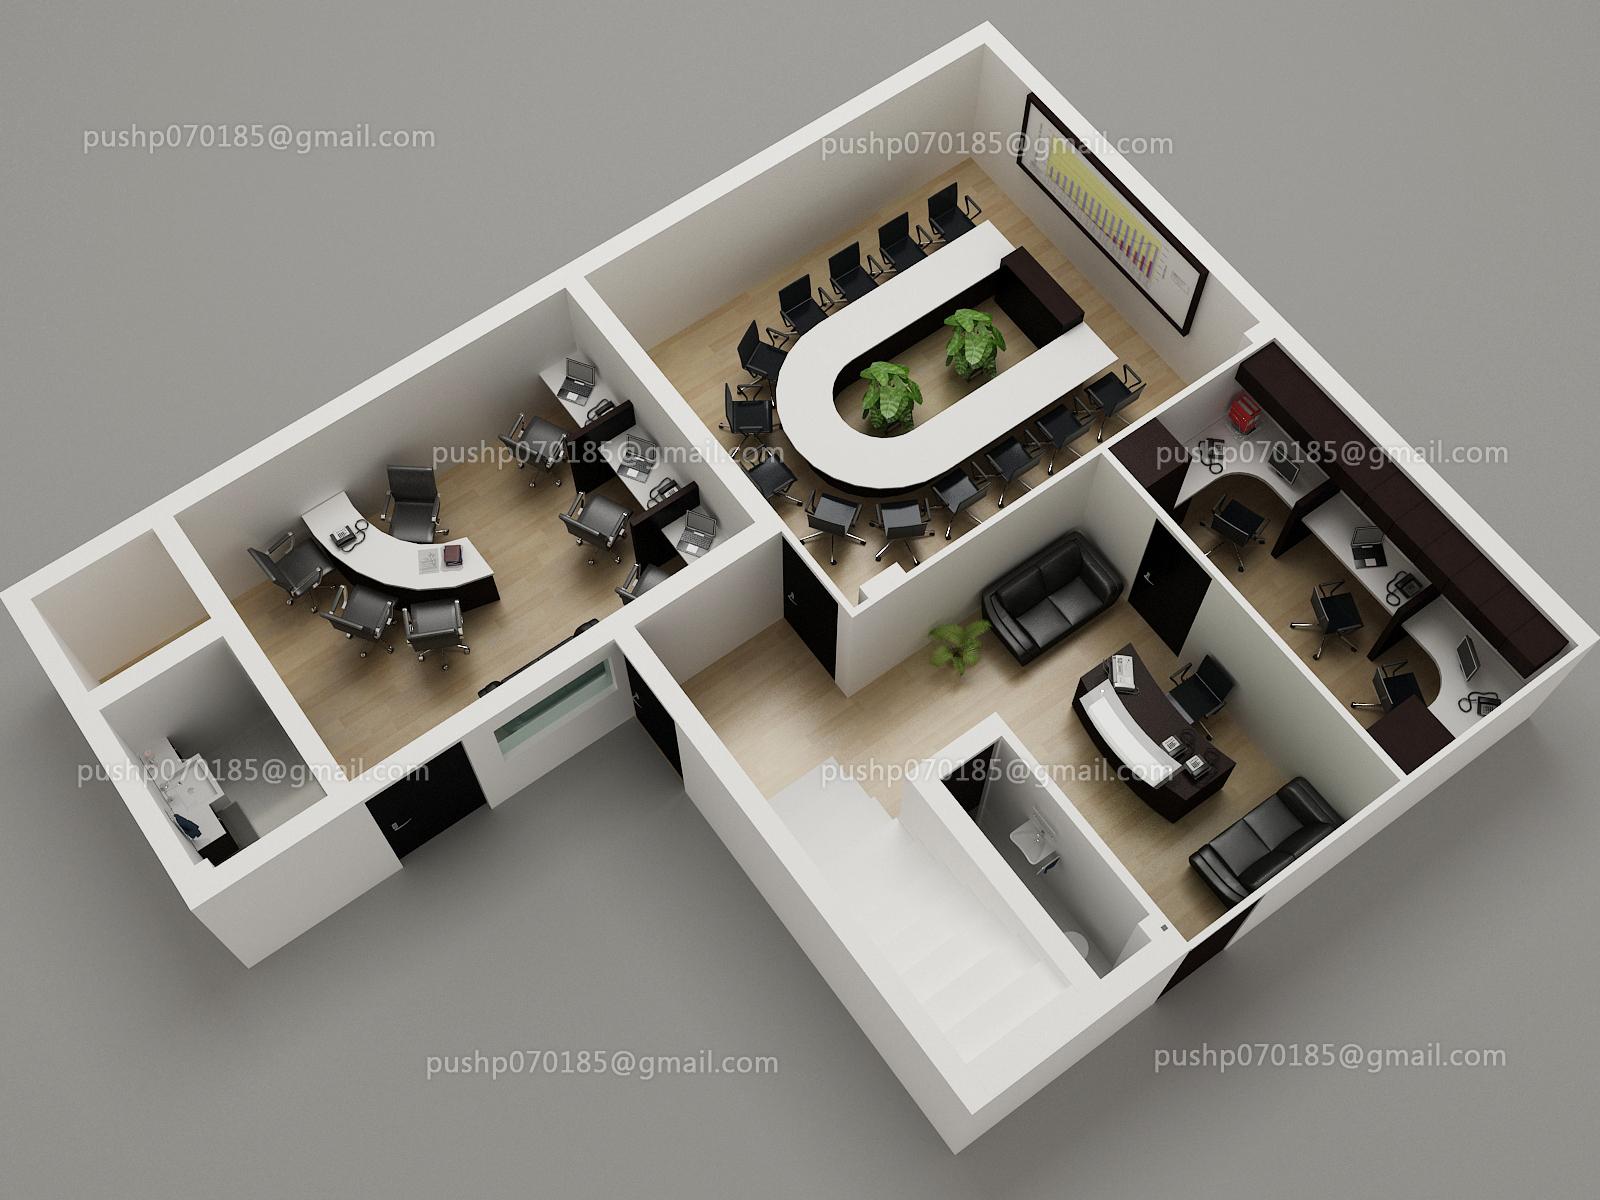 3D Graphic Floor Plan